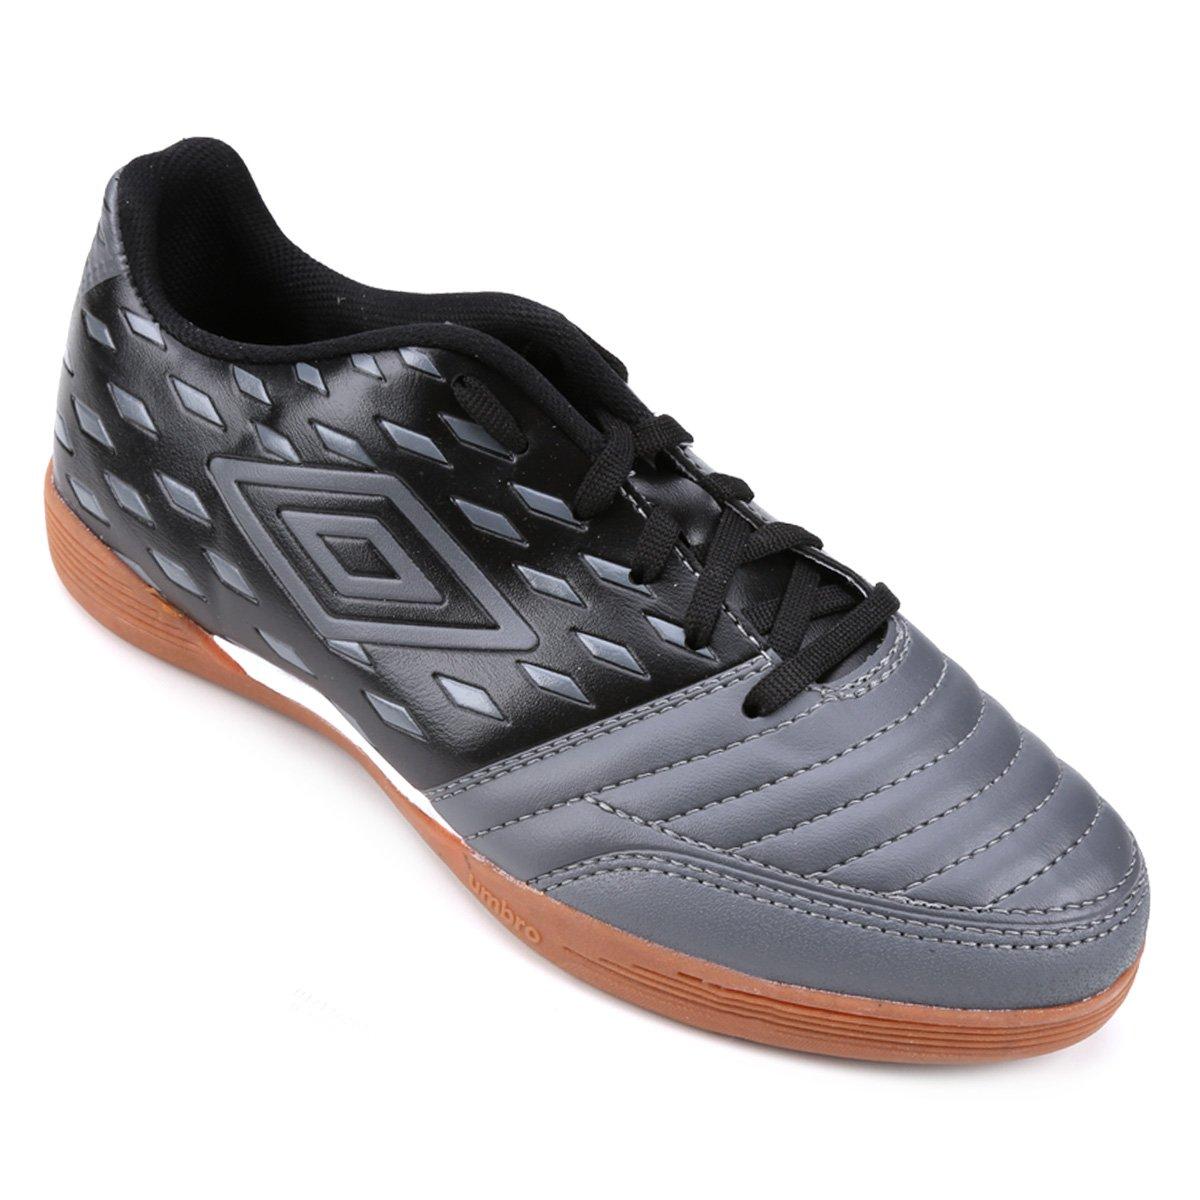 Chuteira Futsal Umbro Stratus Club - Compre Agora  23d39908d962e